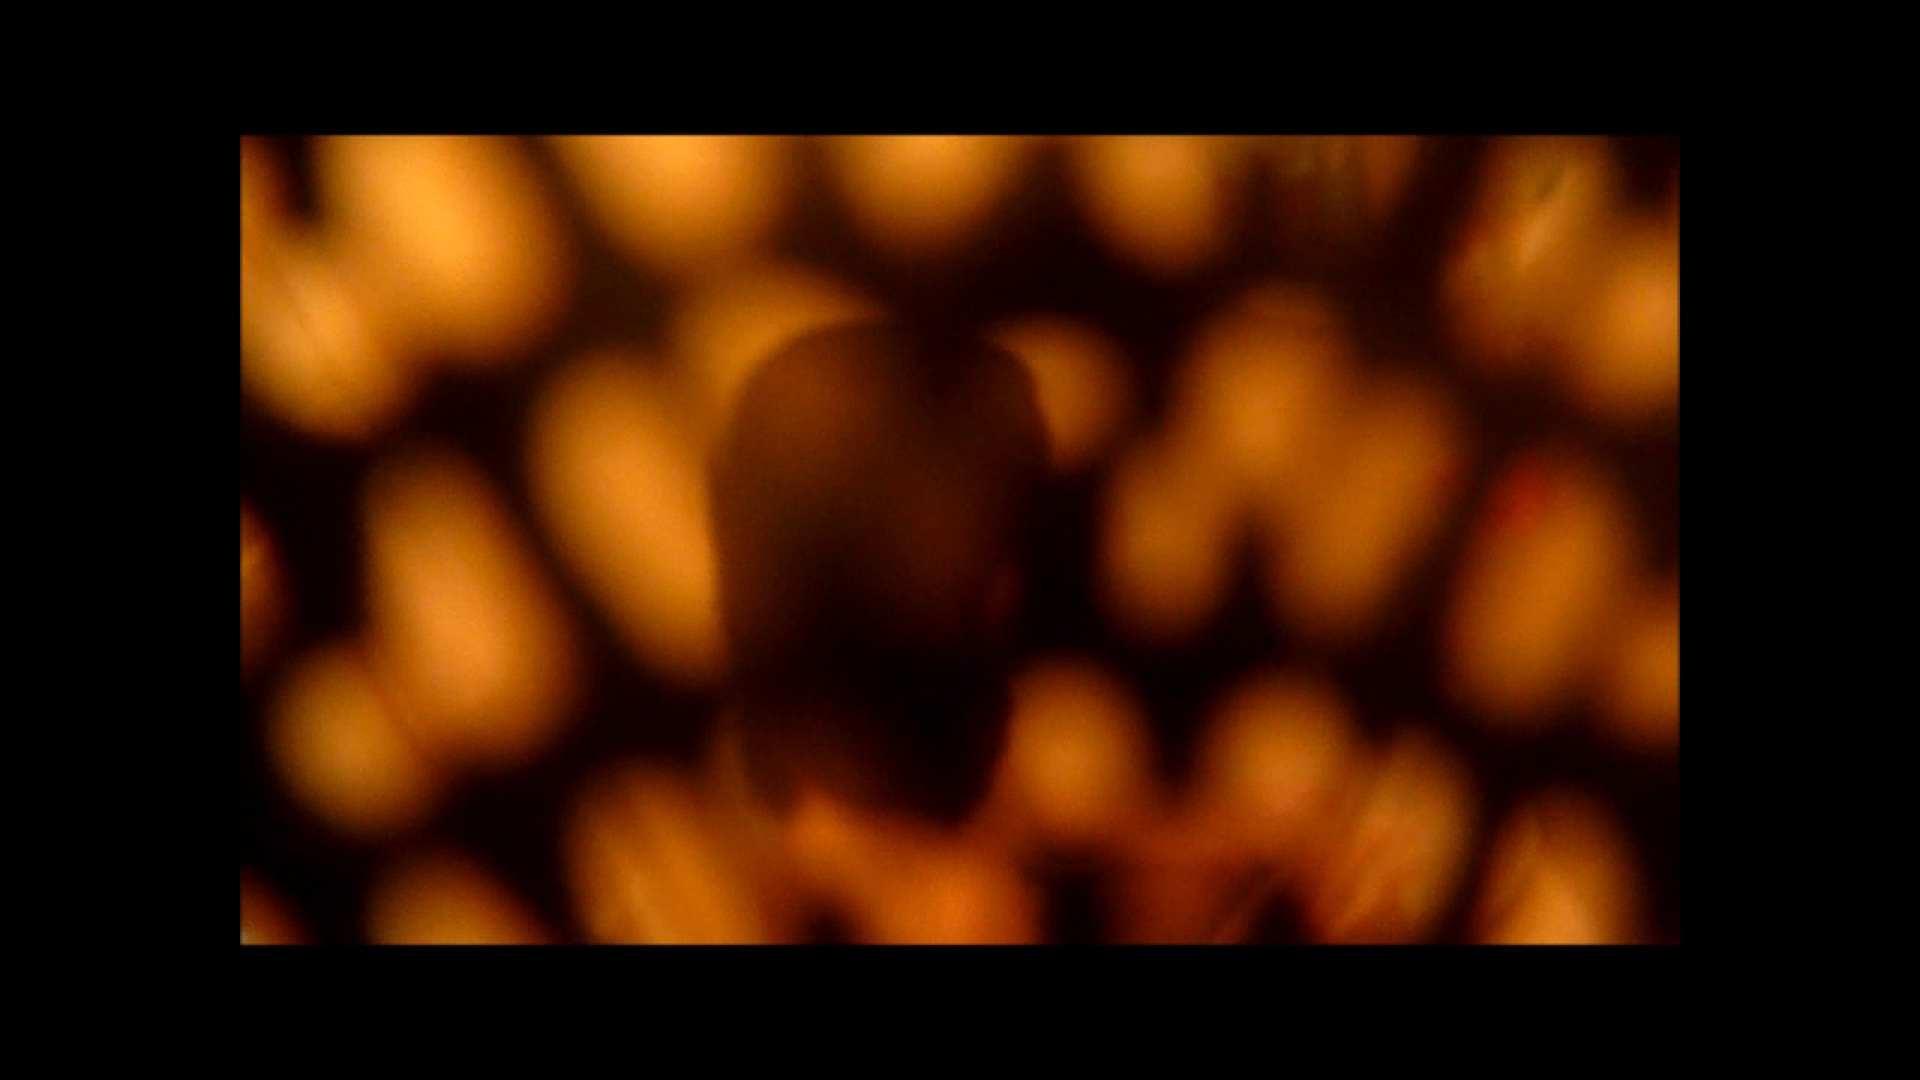 【02】ベランダに侵入して張り込みを始めて・・・やっと結果が出ました。 家宅侵入 | 0  82画像 51